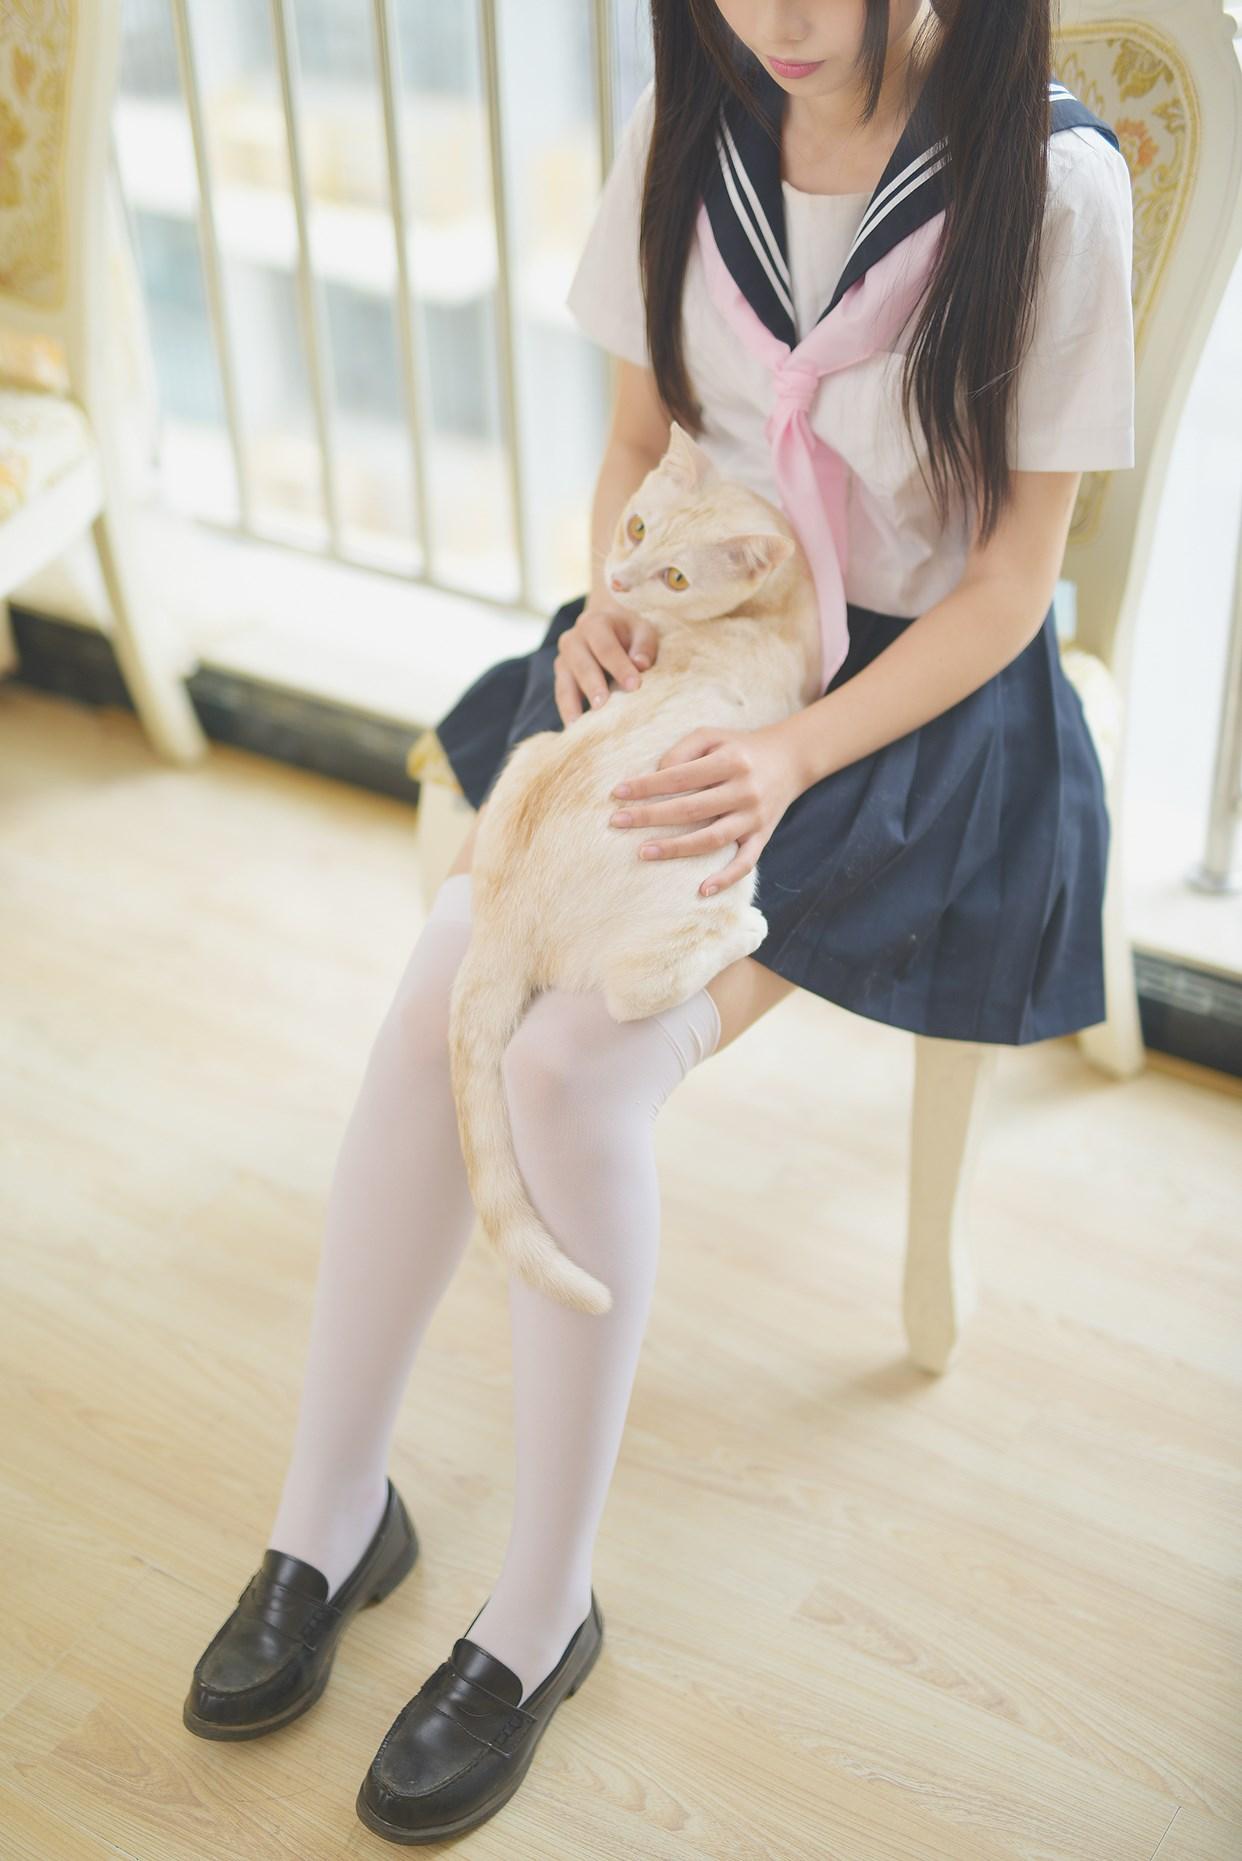 【兔玩映画】水手服的喵喵酱 兔玩映画 第44张